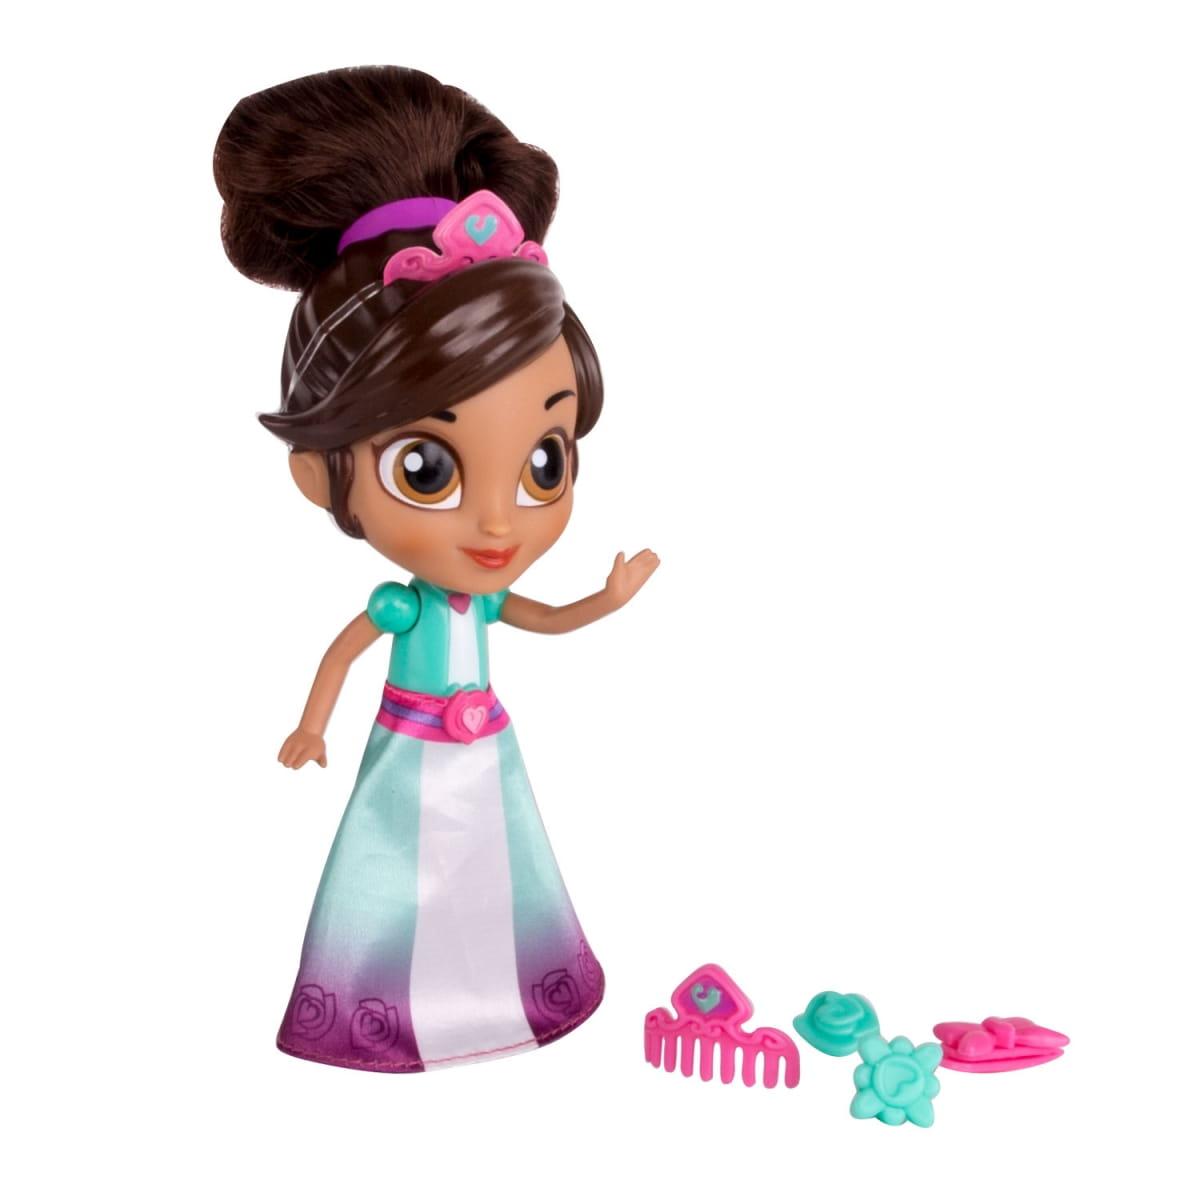 Кукла NELLA Создай модный образ  Принцесса Нелла (с аксессуарами) - Нелла - отважная принцесса